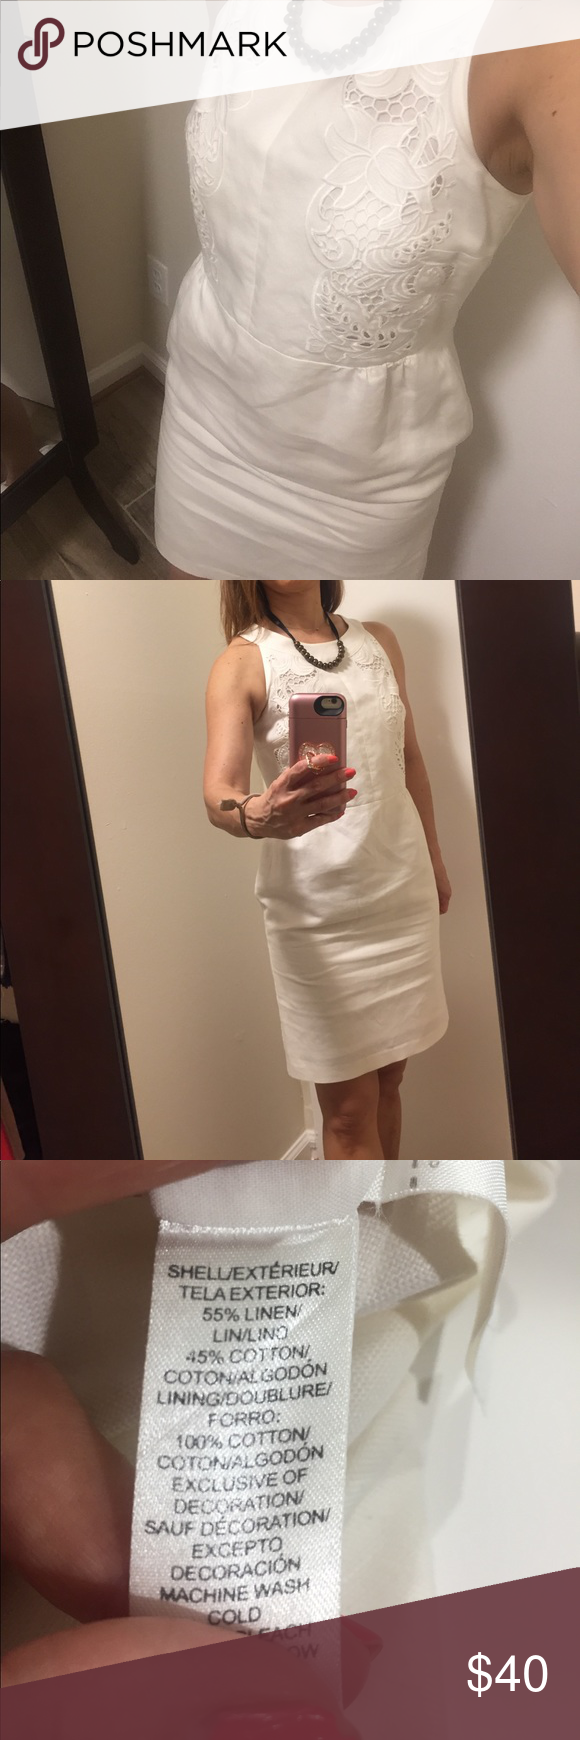 Ann Taylor LOFT white dress Linen and cotton blend so it's cool summery dress.  Excellent condition. LOFT Dresses